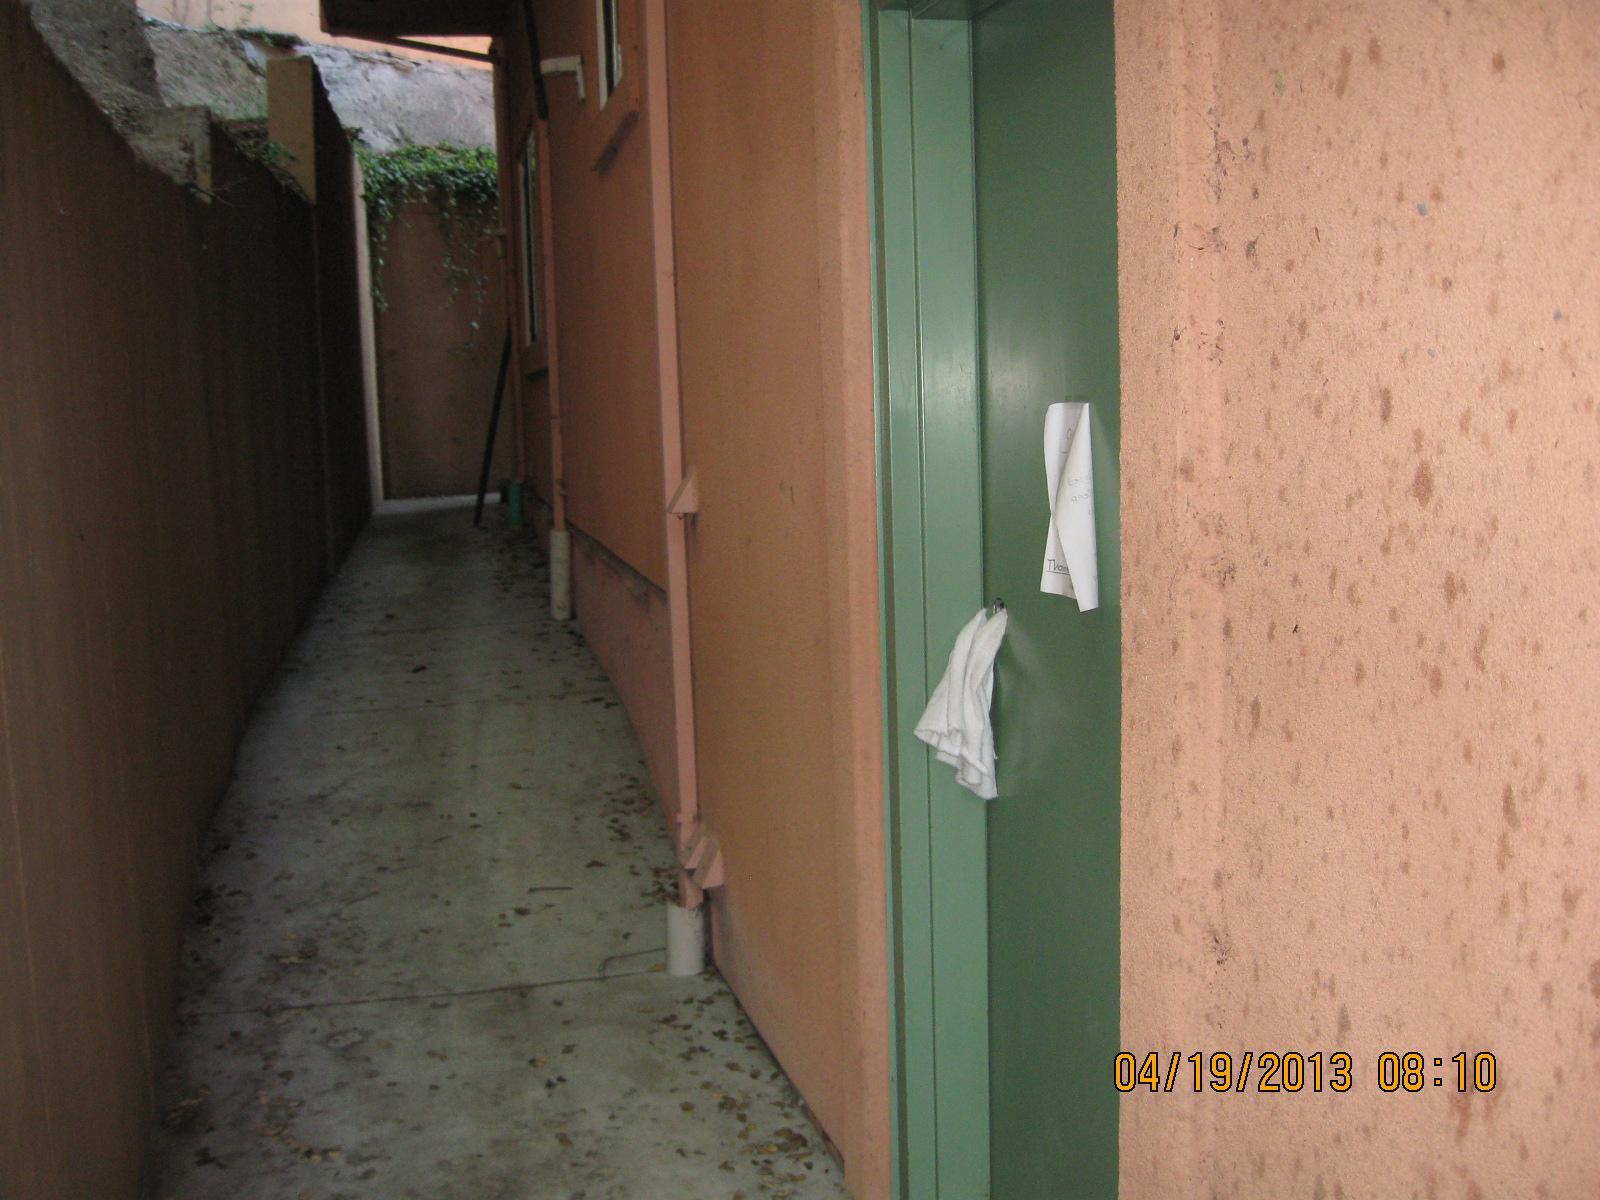 how much do door knobs cost photo - 1